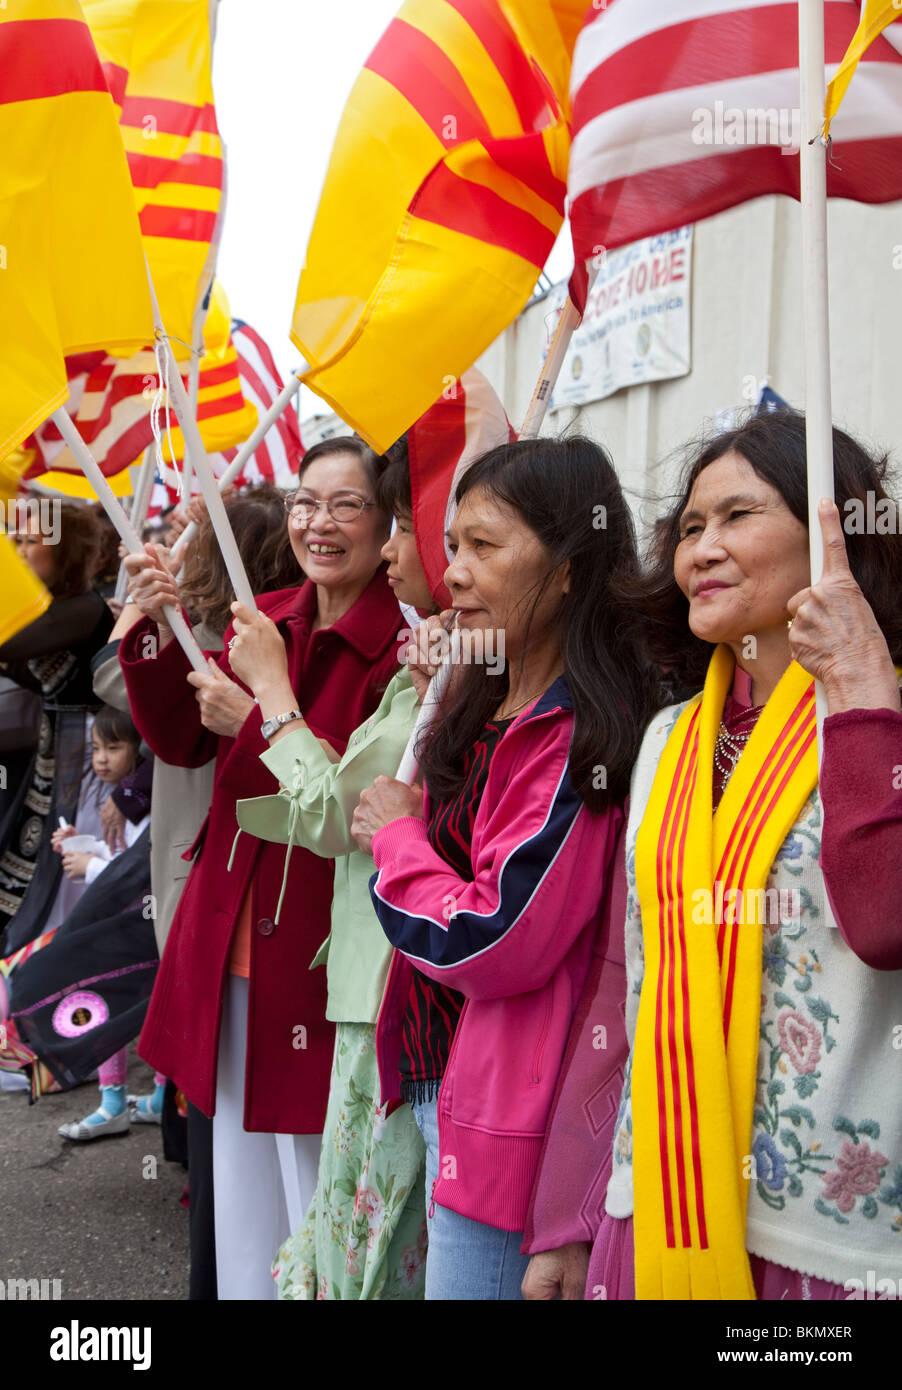 Les Vietnamiens et les Américains Mark 35e anniversaire de la chute de Saigon Photo Stock